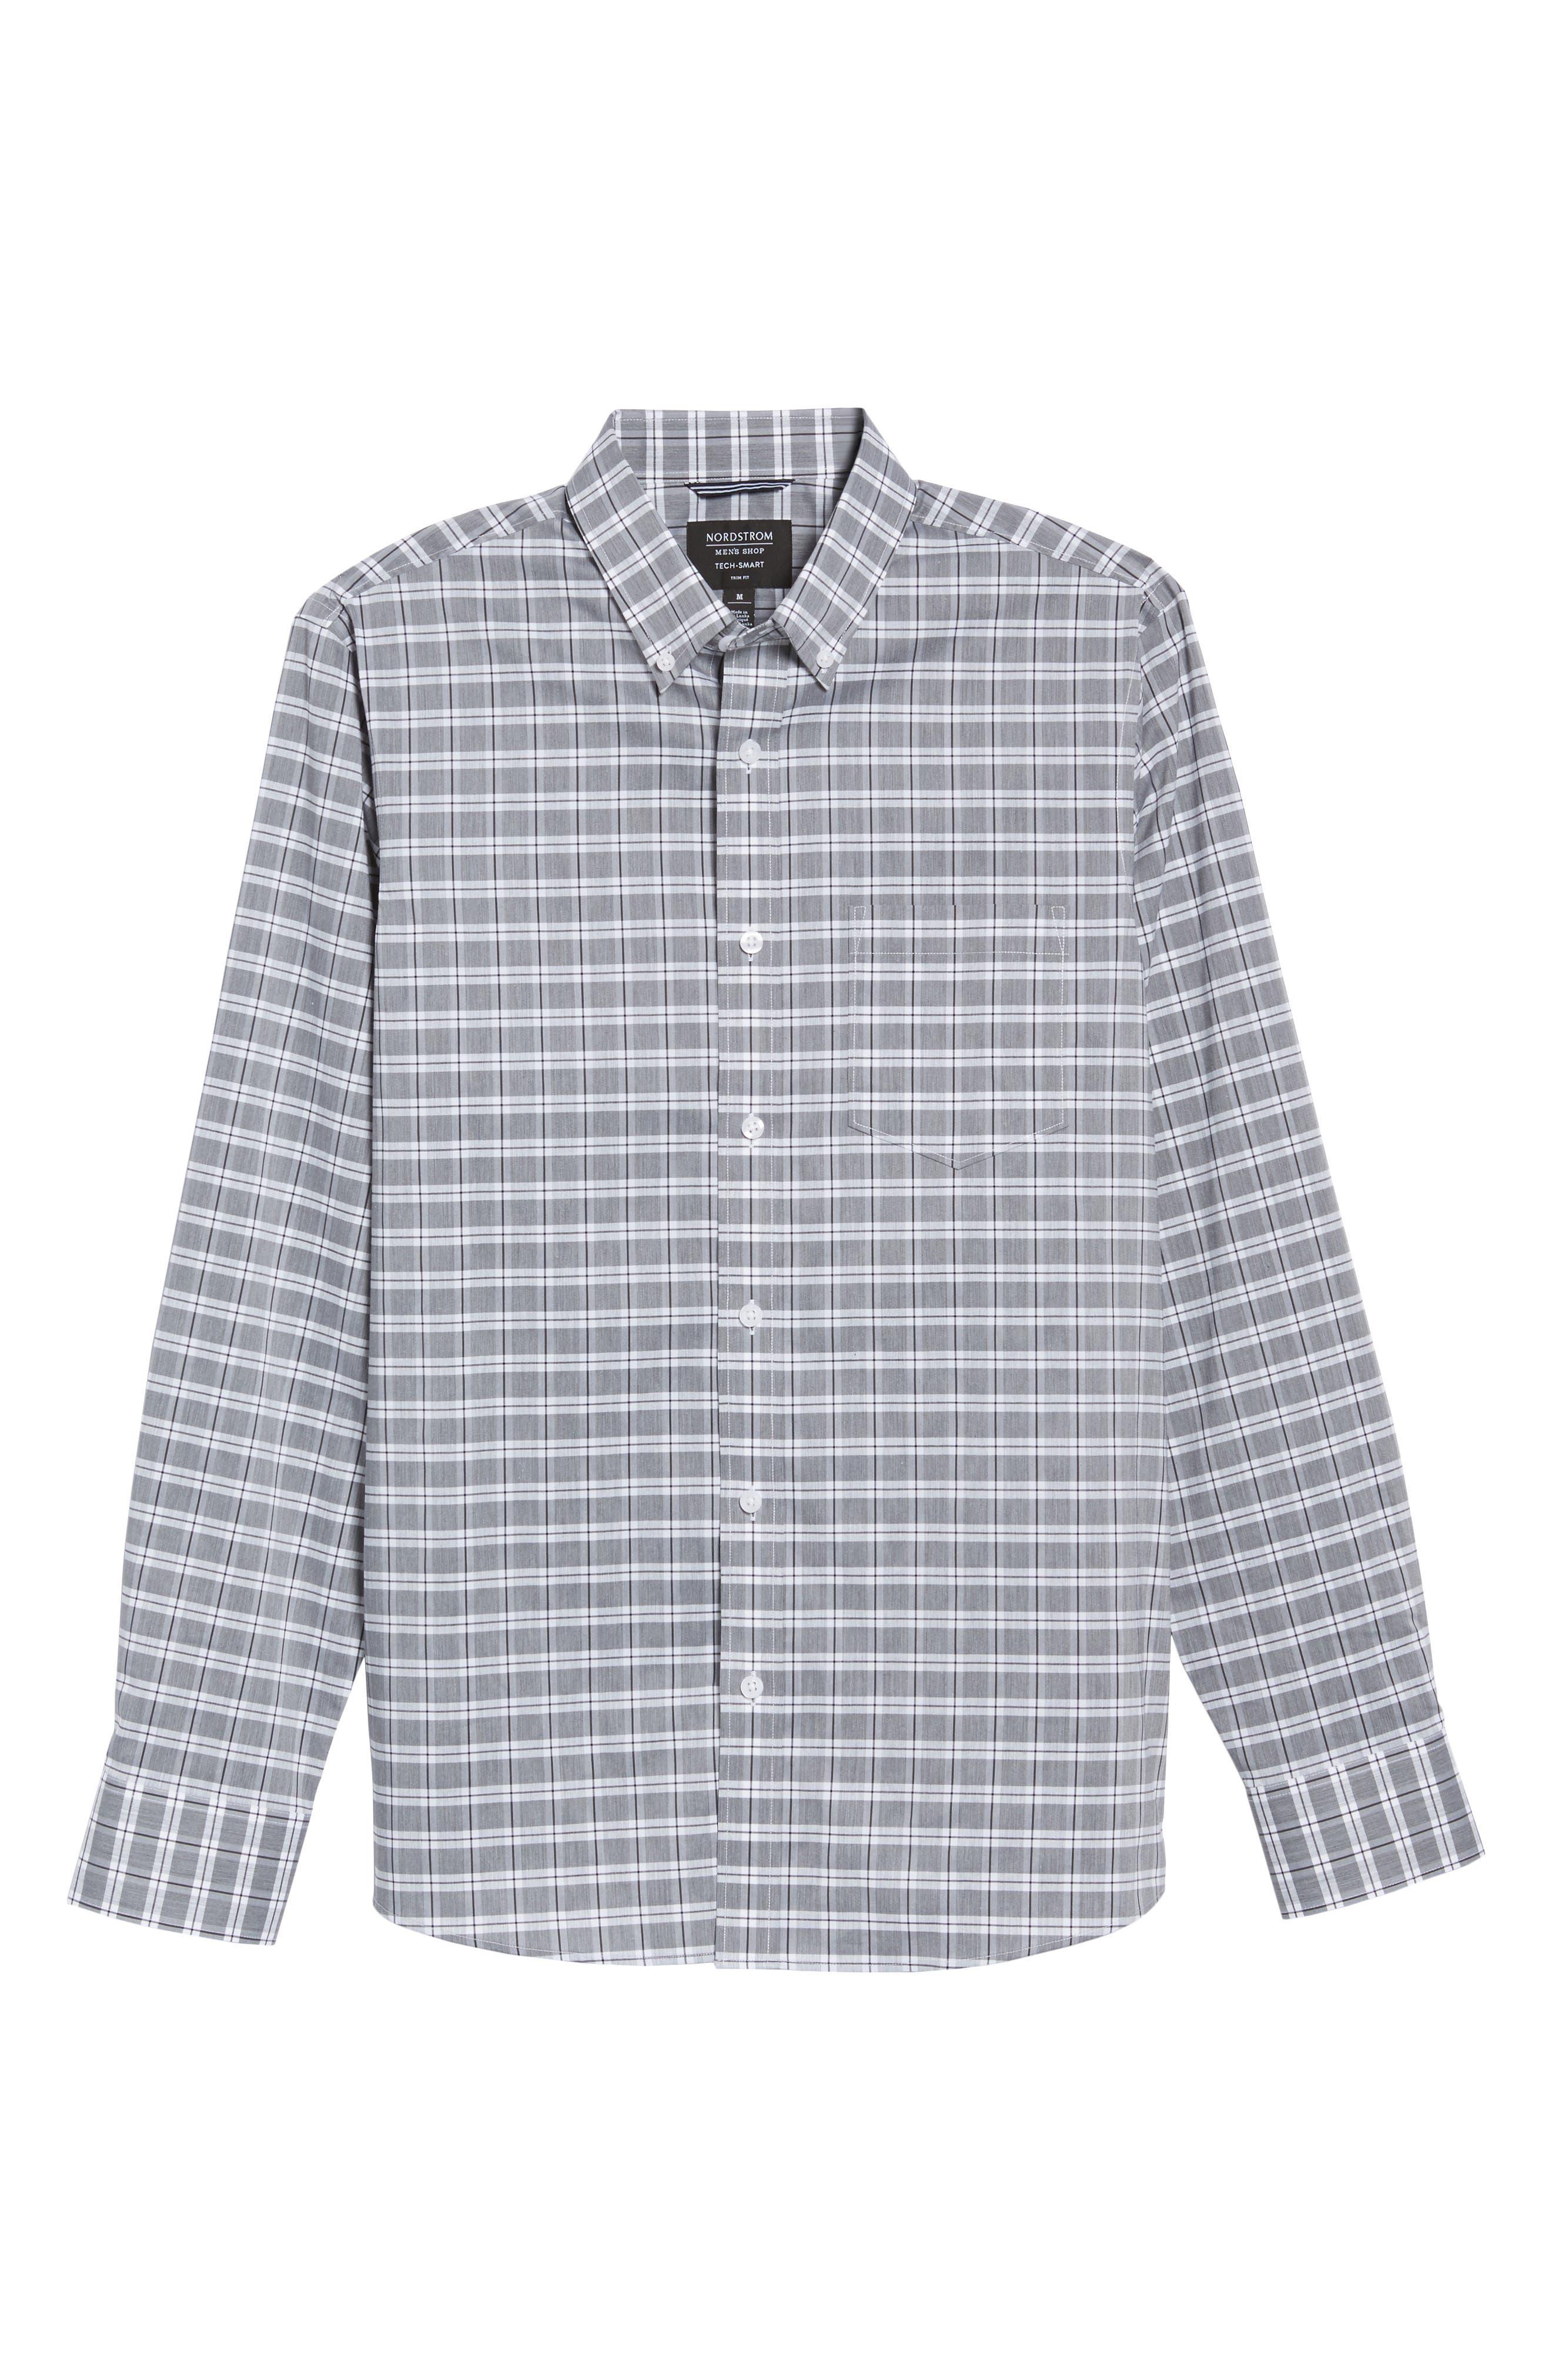 Trim Fit Tech-Smart Heather Check Sport Shirt,                             Alternate thumbnail 6, color,                             030